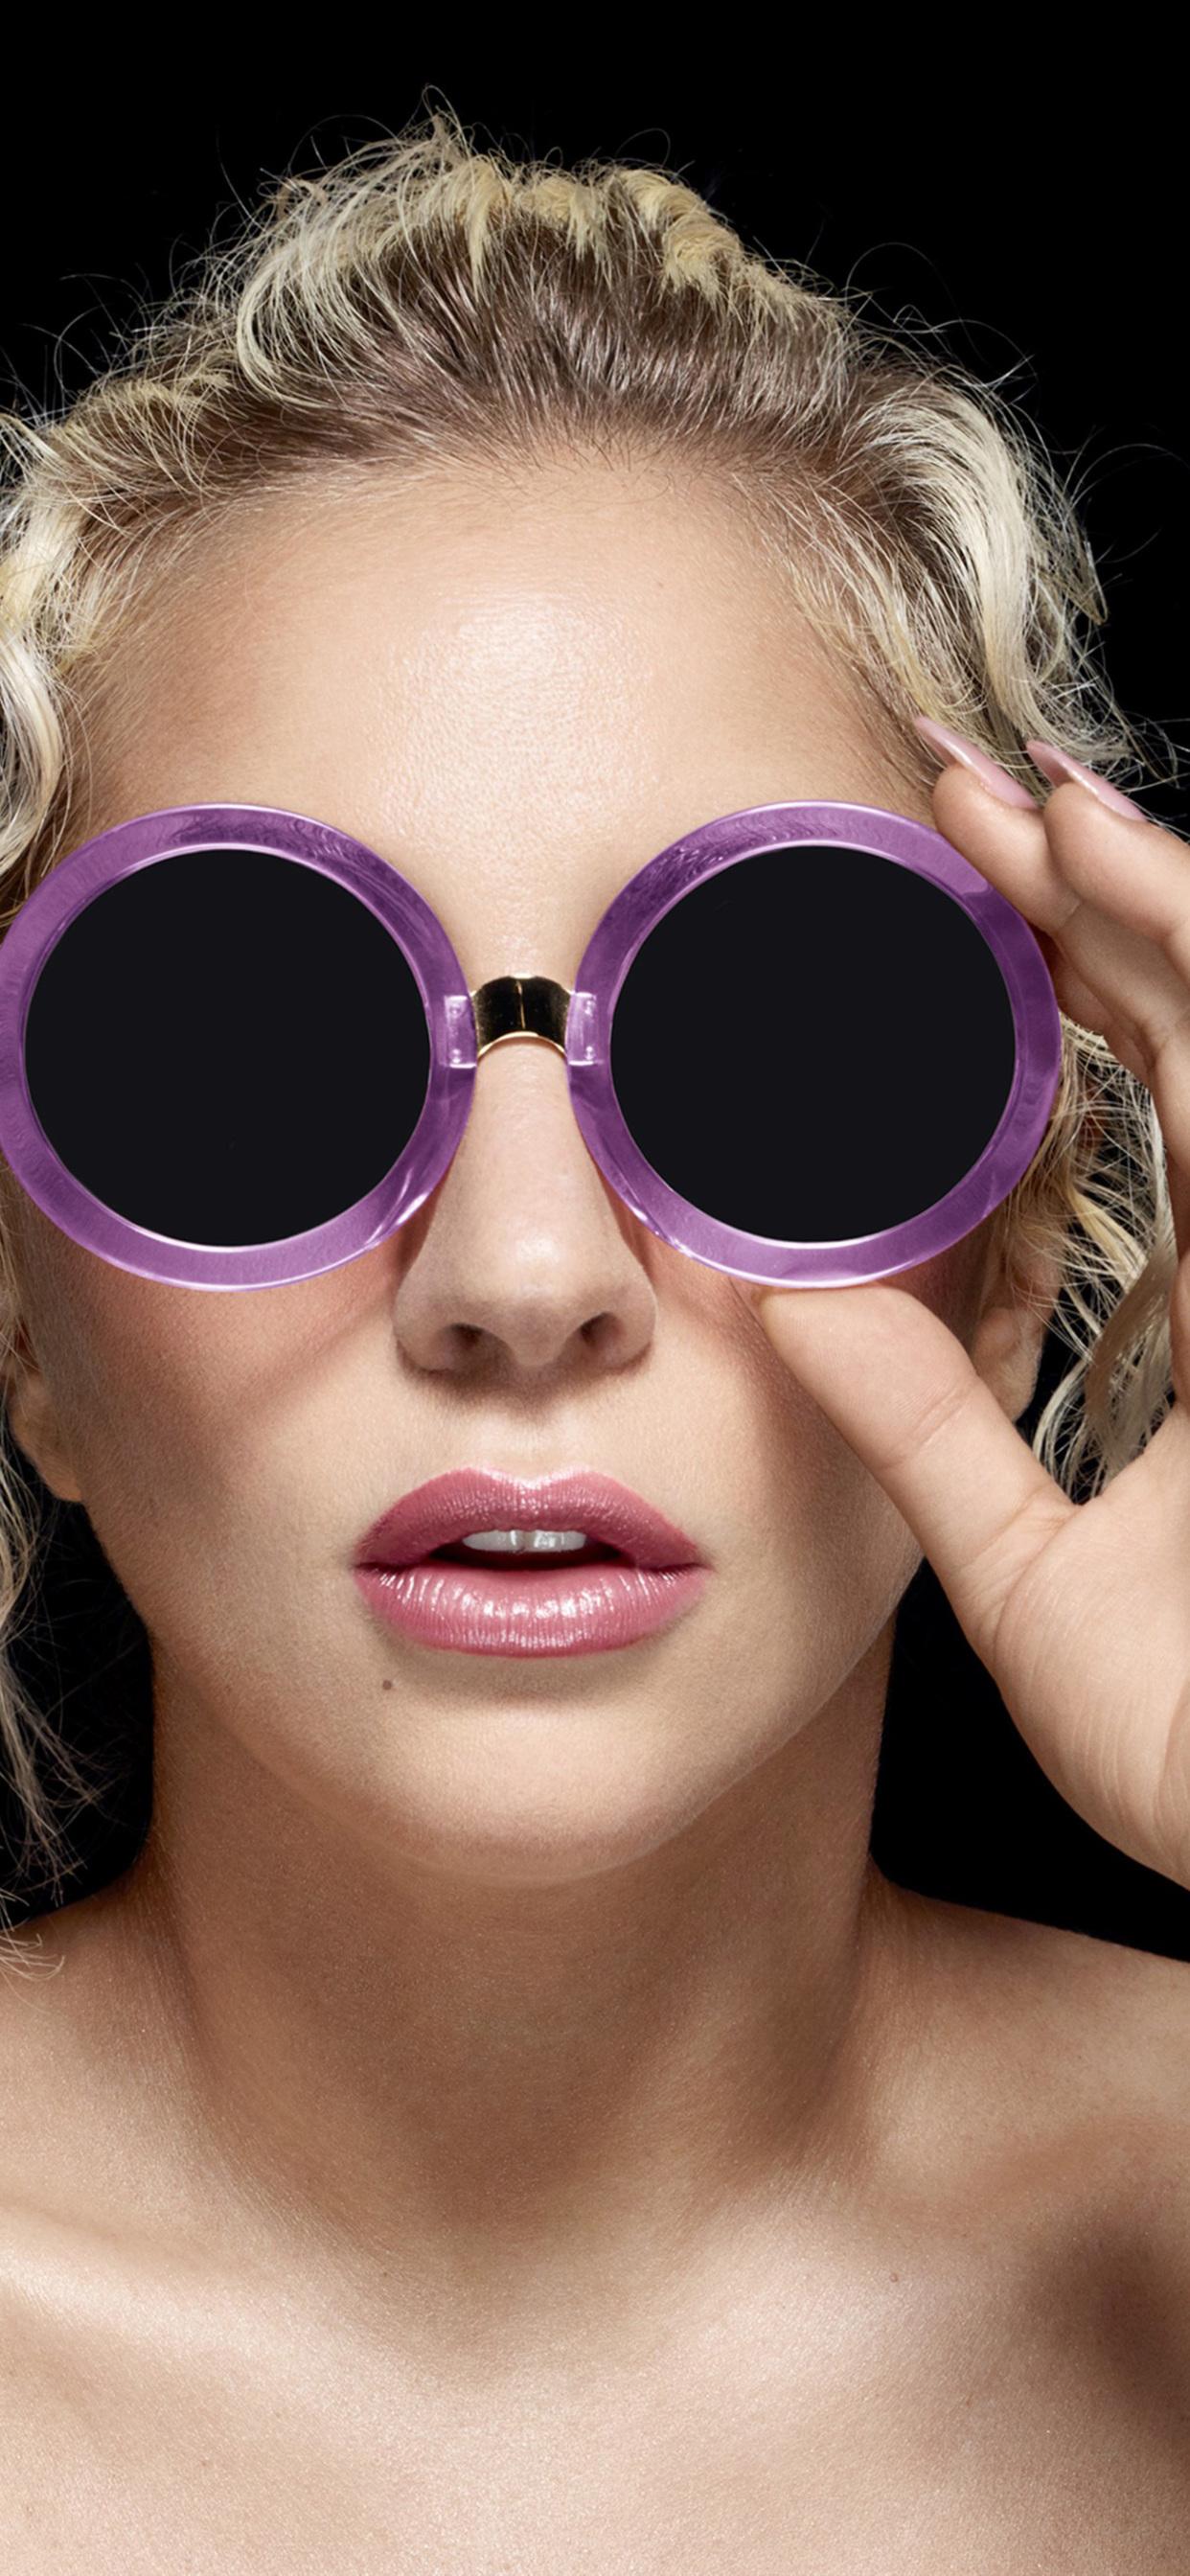 lady-gaga-wearing-lobster-eye-glasses-6i.jpg